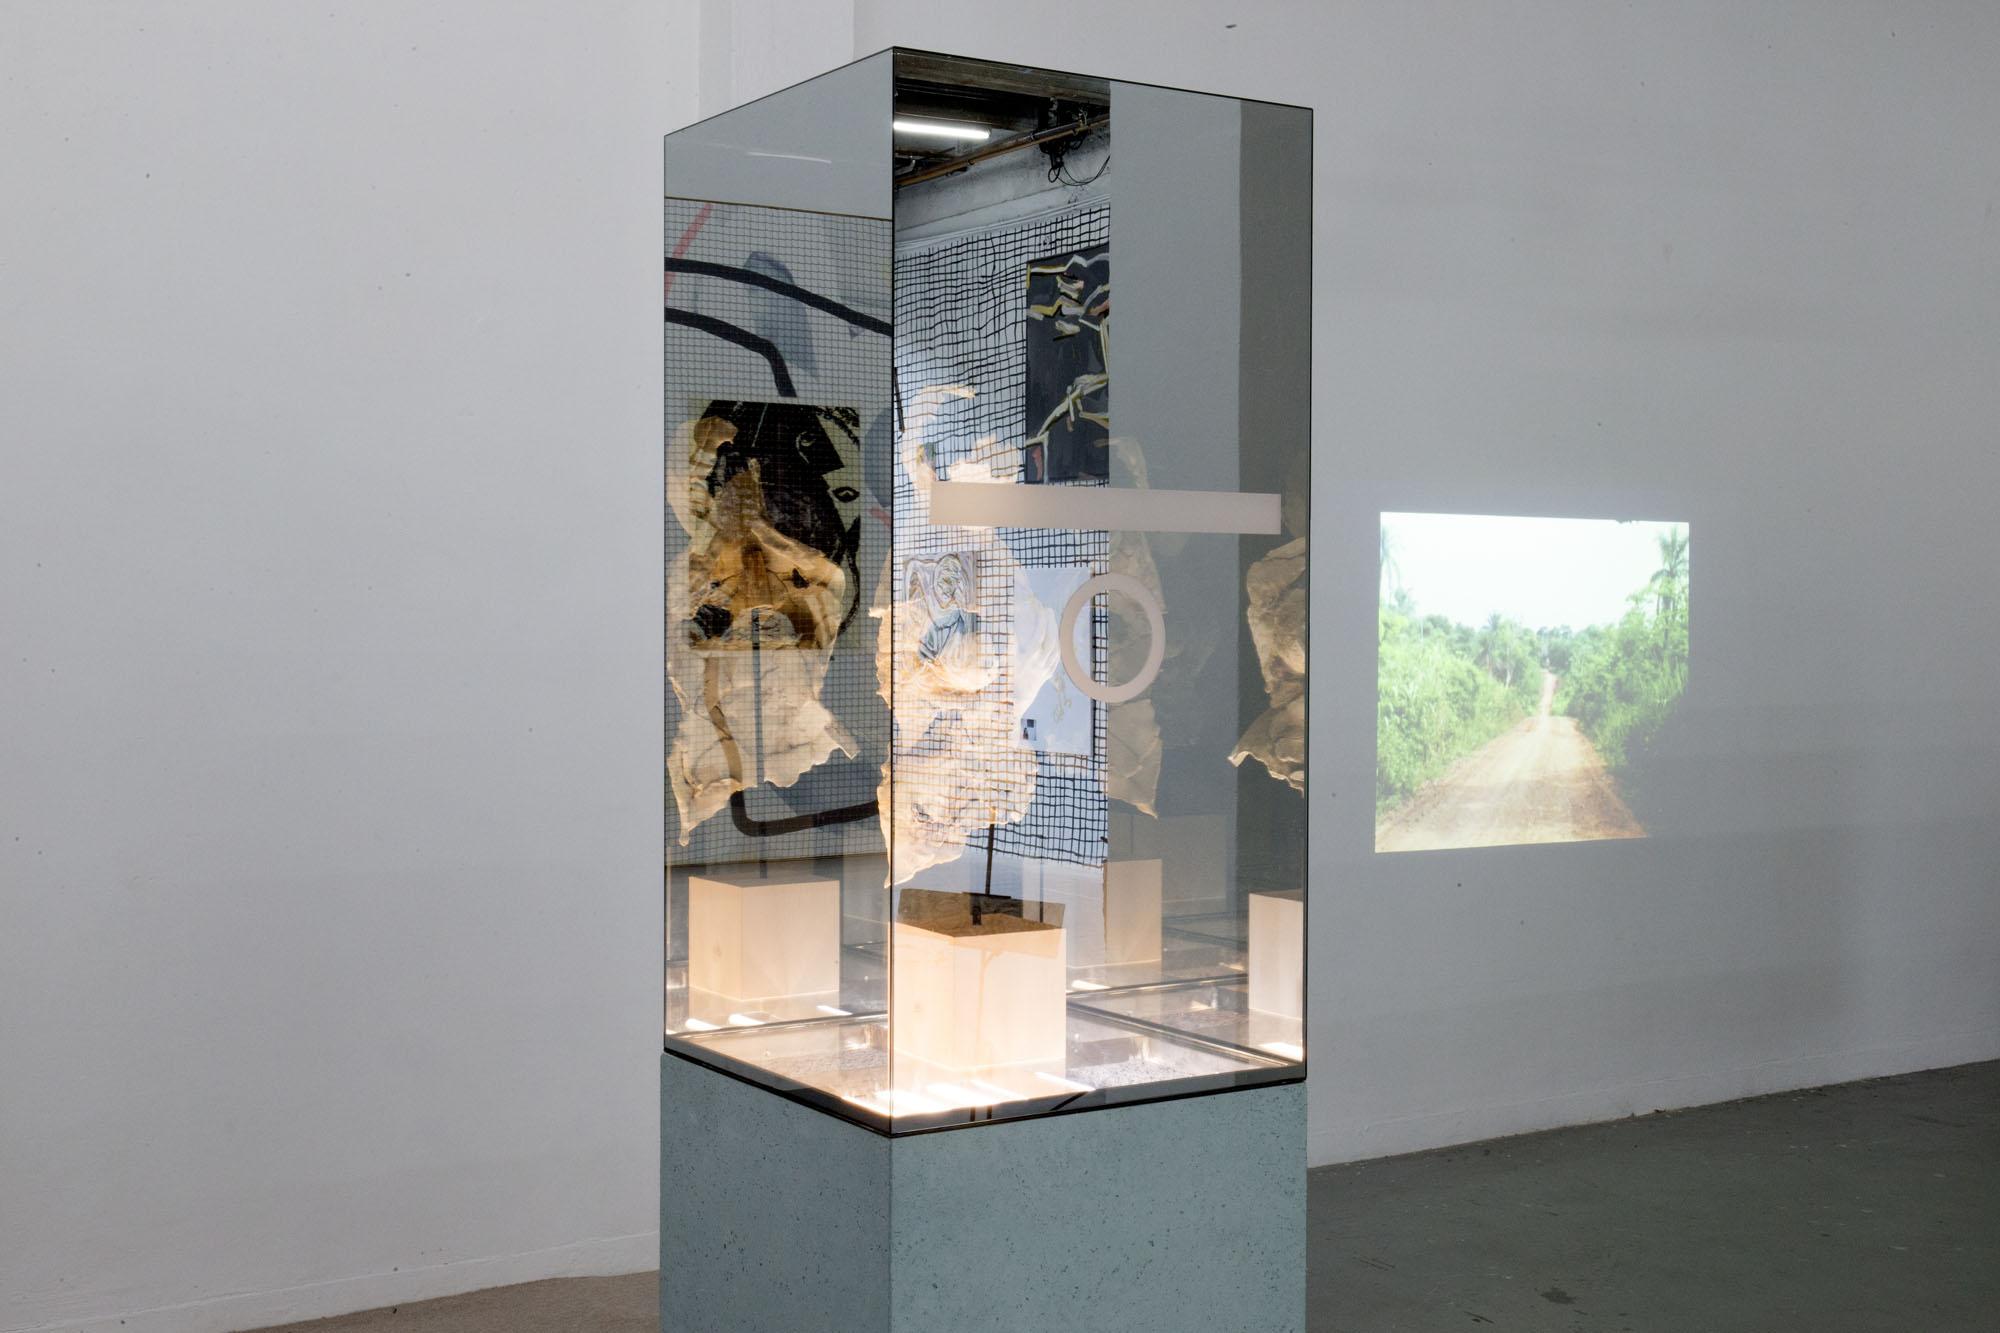 20_Quart d'heure américain - heiwata - Mains d'Oeuvres - Exhibition views.jpg